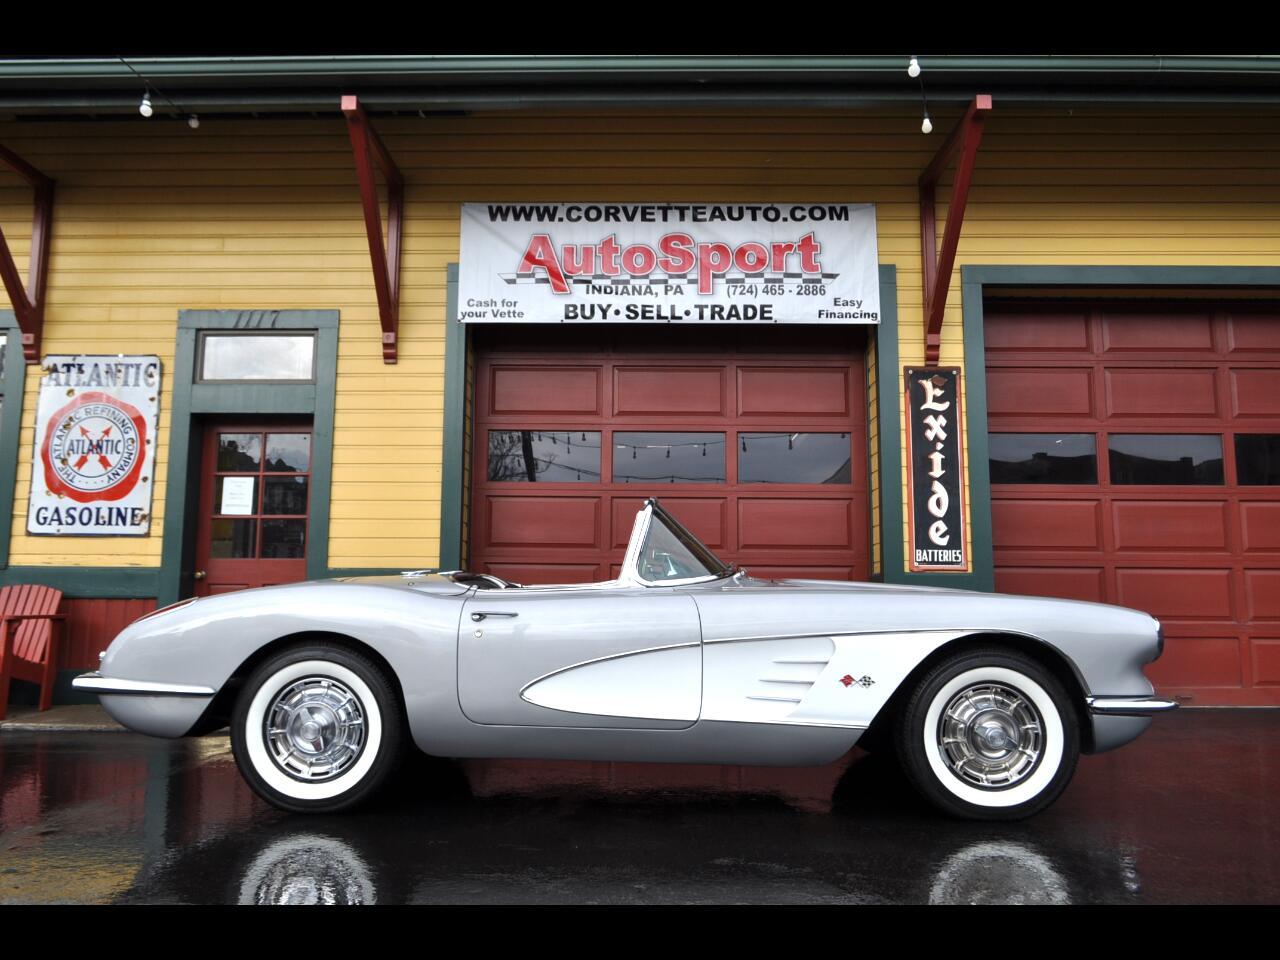 1959 Chevrolet Corvette 270hp 2x4's Frame Off Restored!